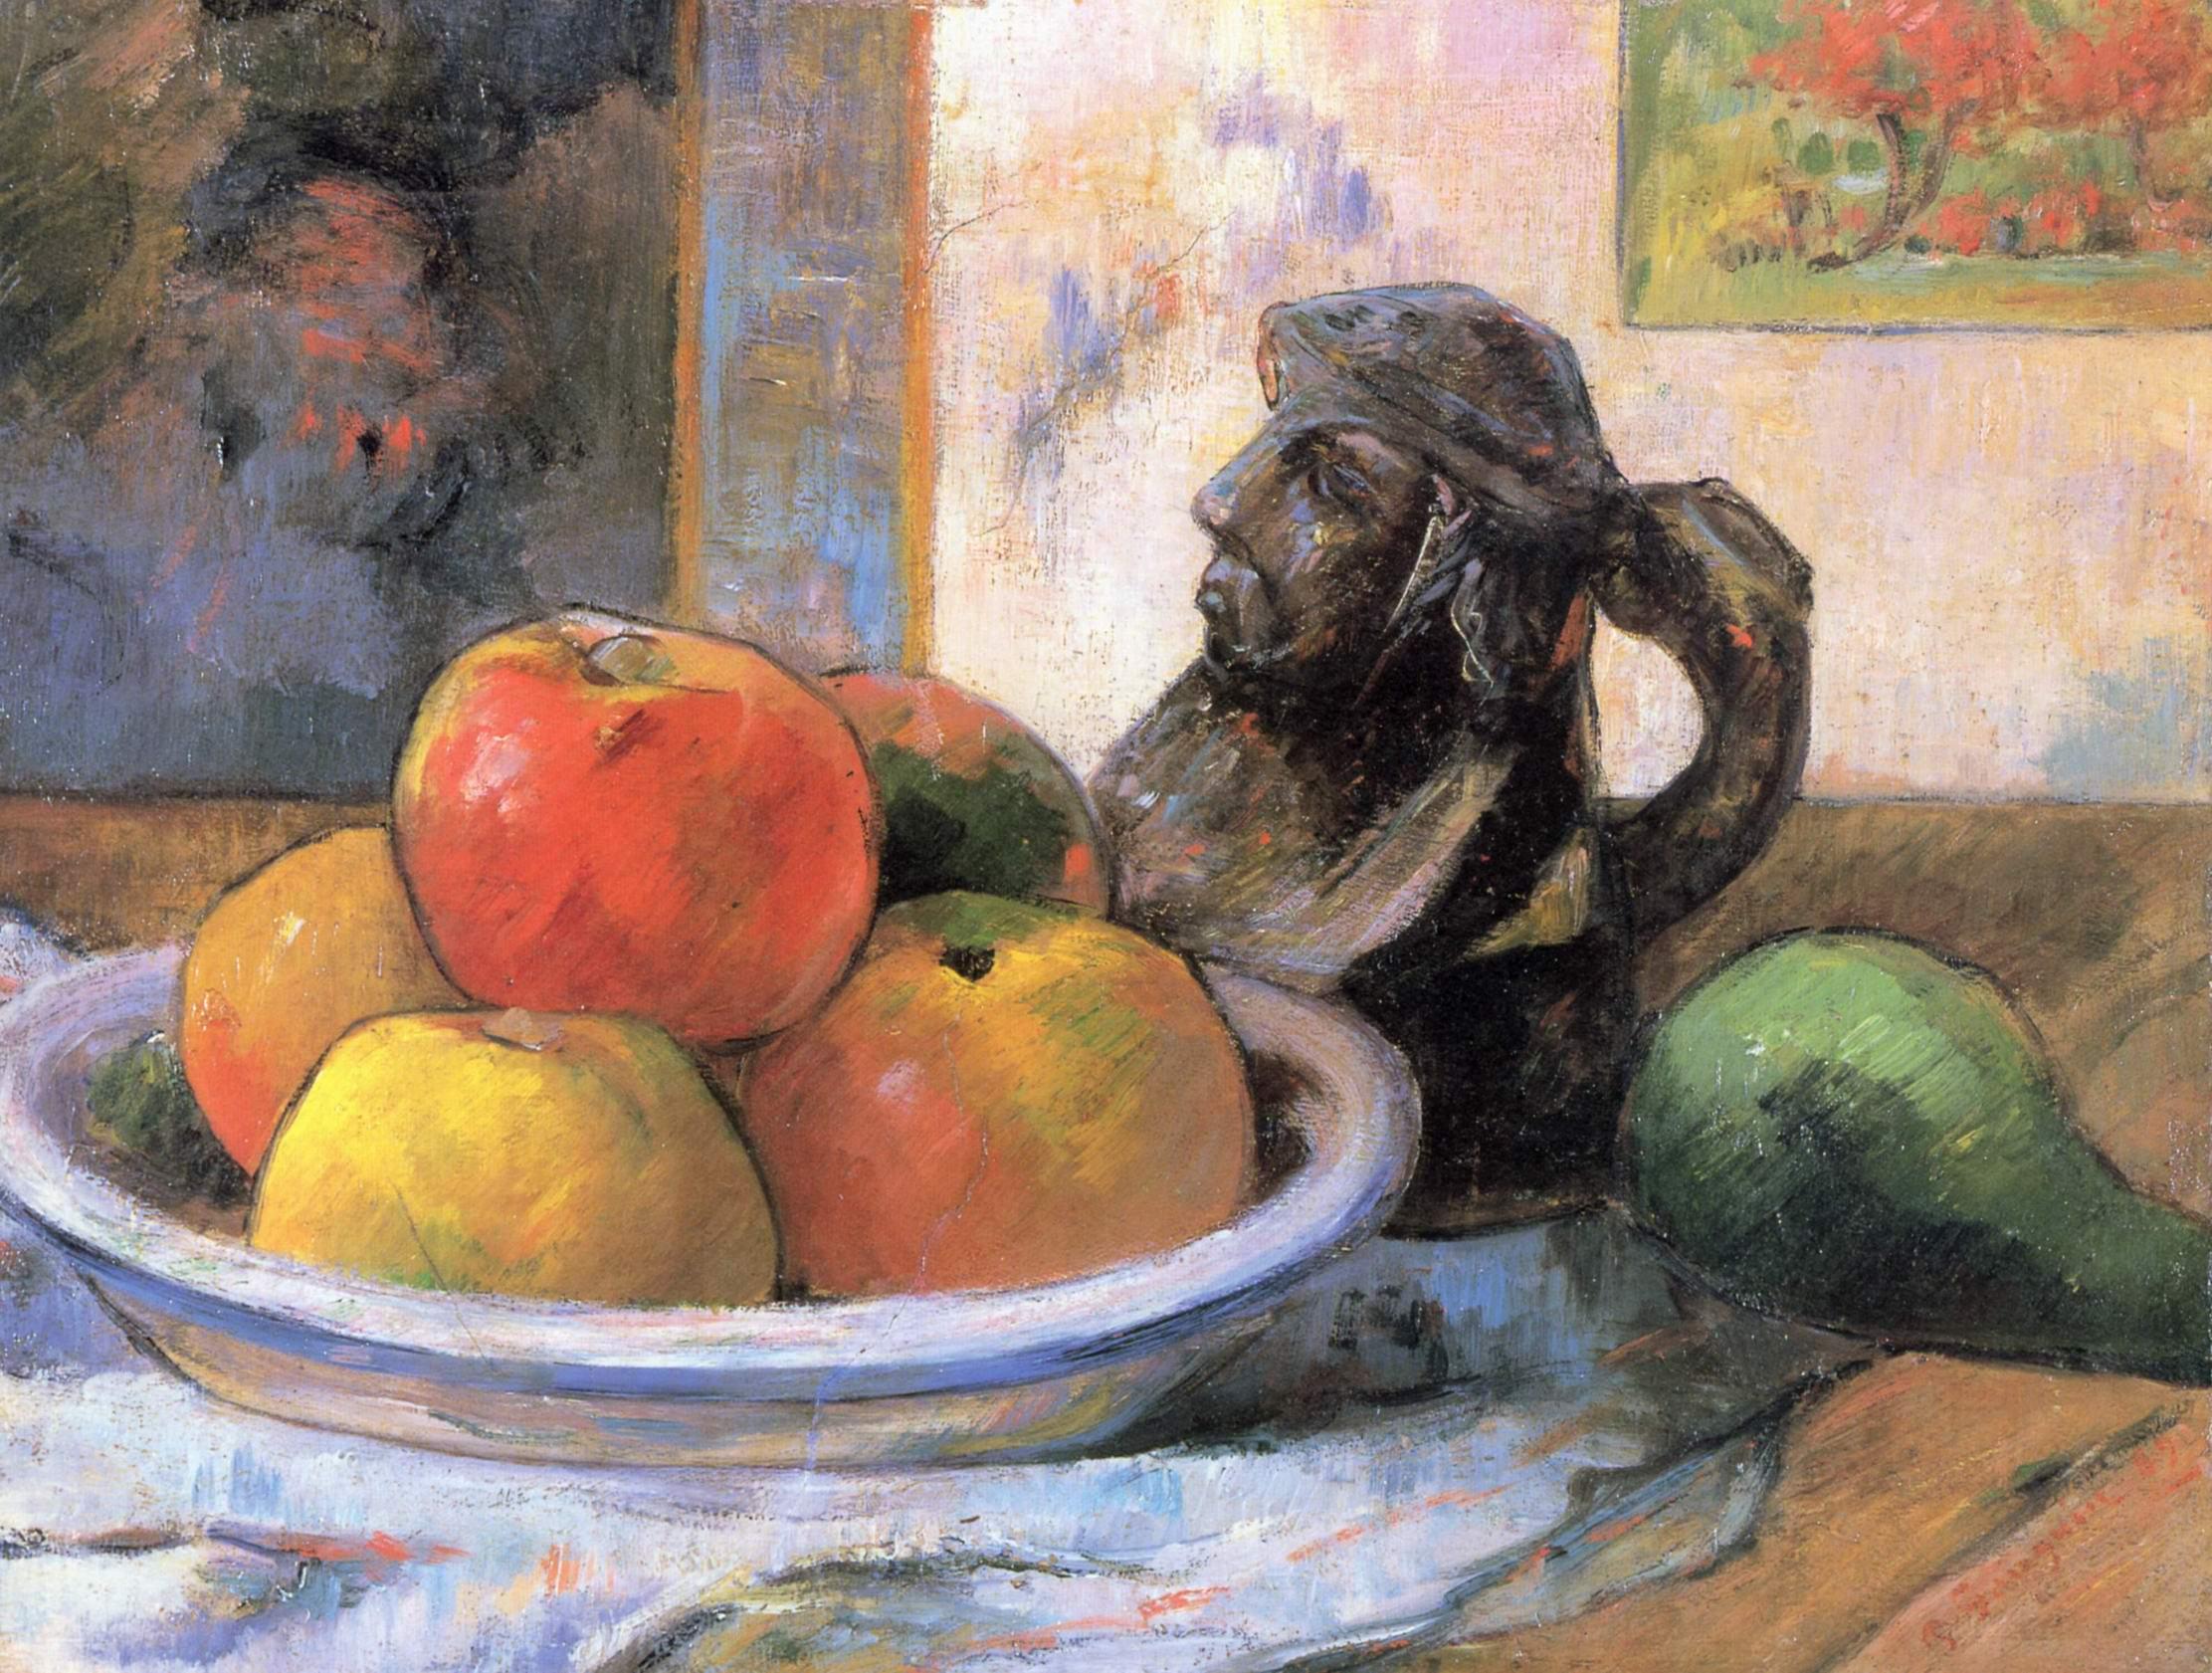 Натюрморт с яблоками, грушей и кувшином, Поль Гоген